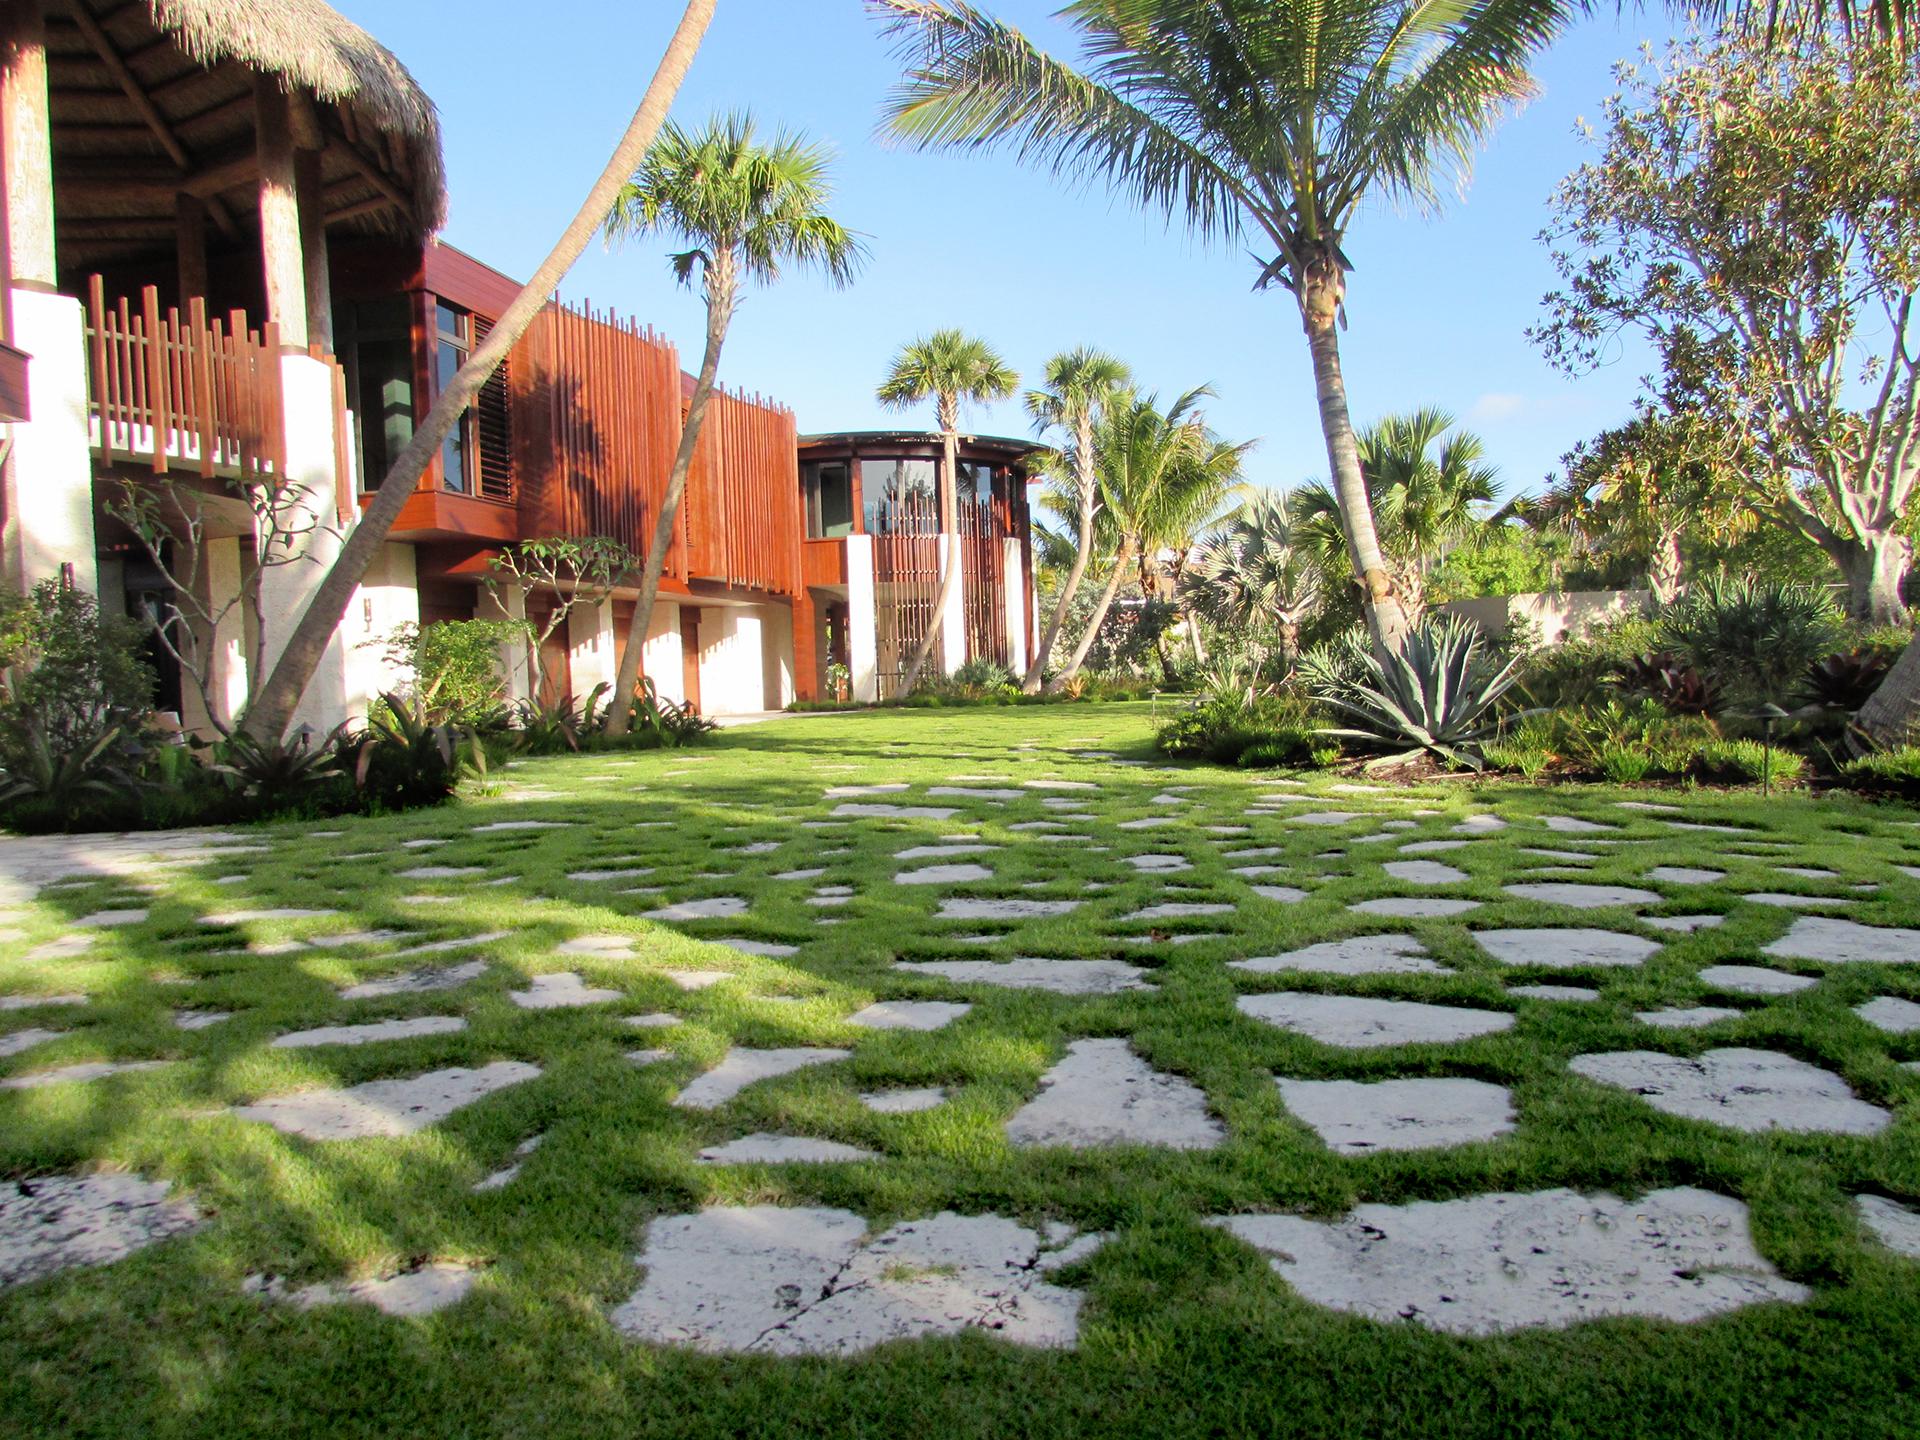 Why Hire A Landscape Designer In Sarasota?